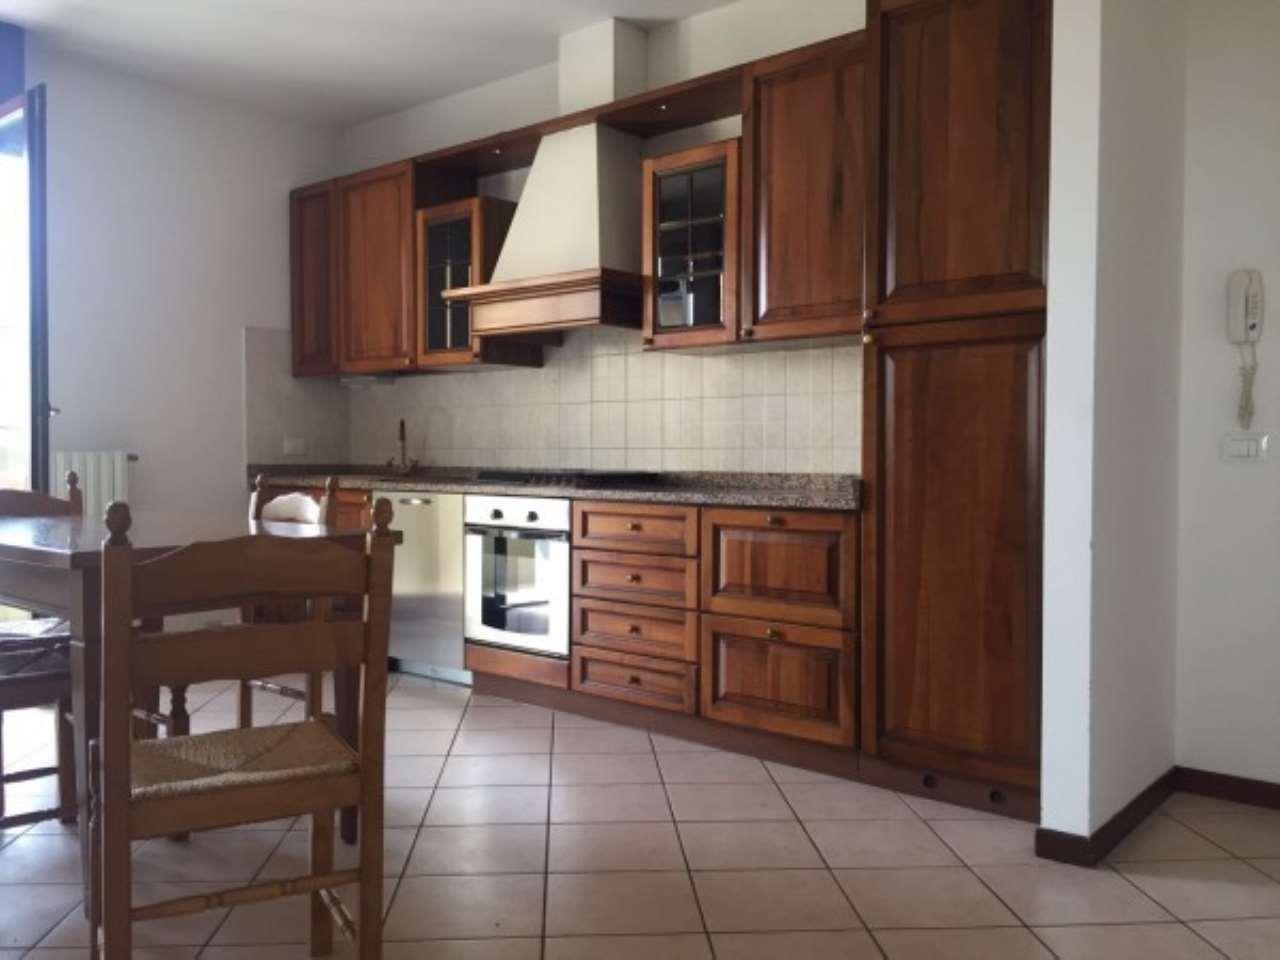 Appartamento in affitto a San Giorgio di Mantova, 2 locali, prezzo € 450 | Cambio Casa.it